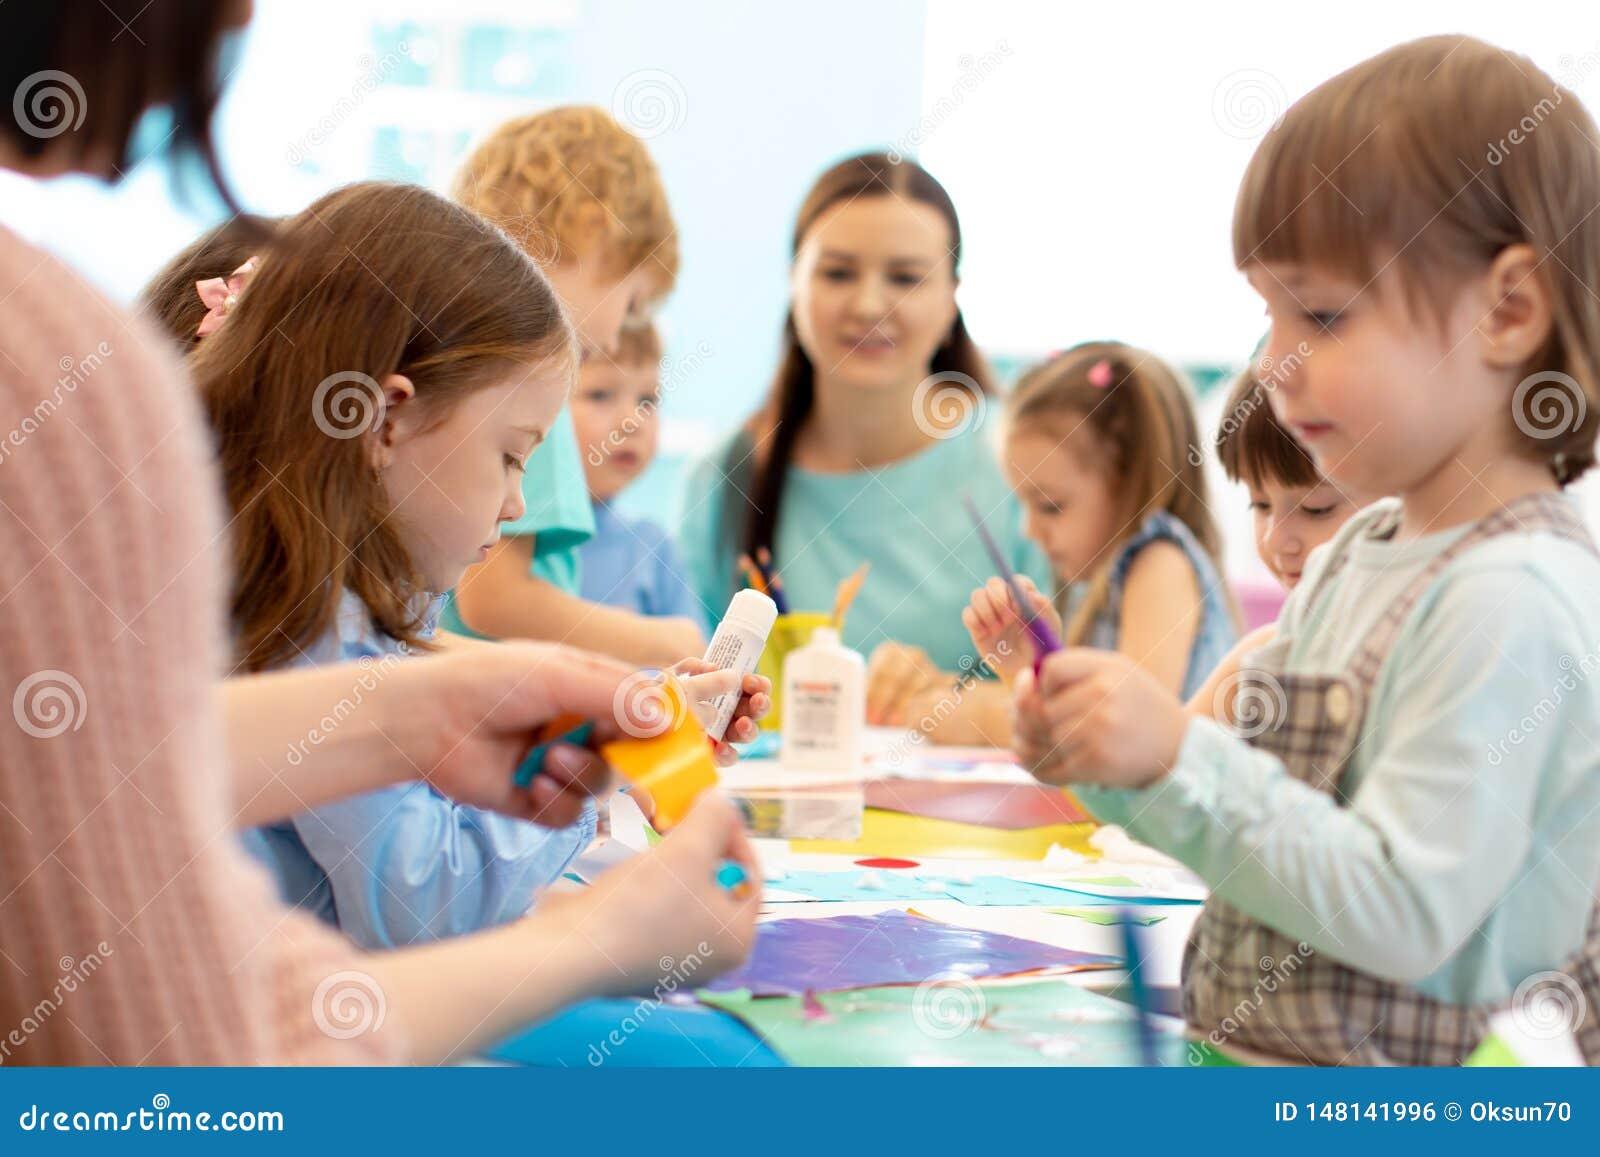 Μαθαίνοντας παιδιά ανάπτυξης στον παιδικό σταθμό Πρόγραμμα παιδιών στον παιδικό σταθμό Ομάδα τέμνοντος εγγράφου παιδιών και δασκά